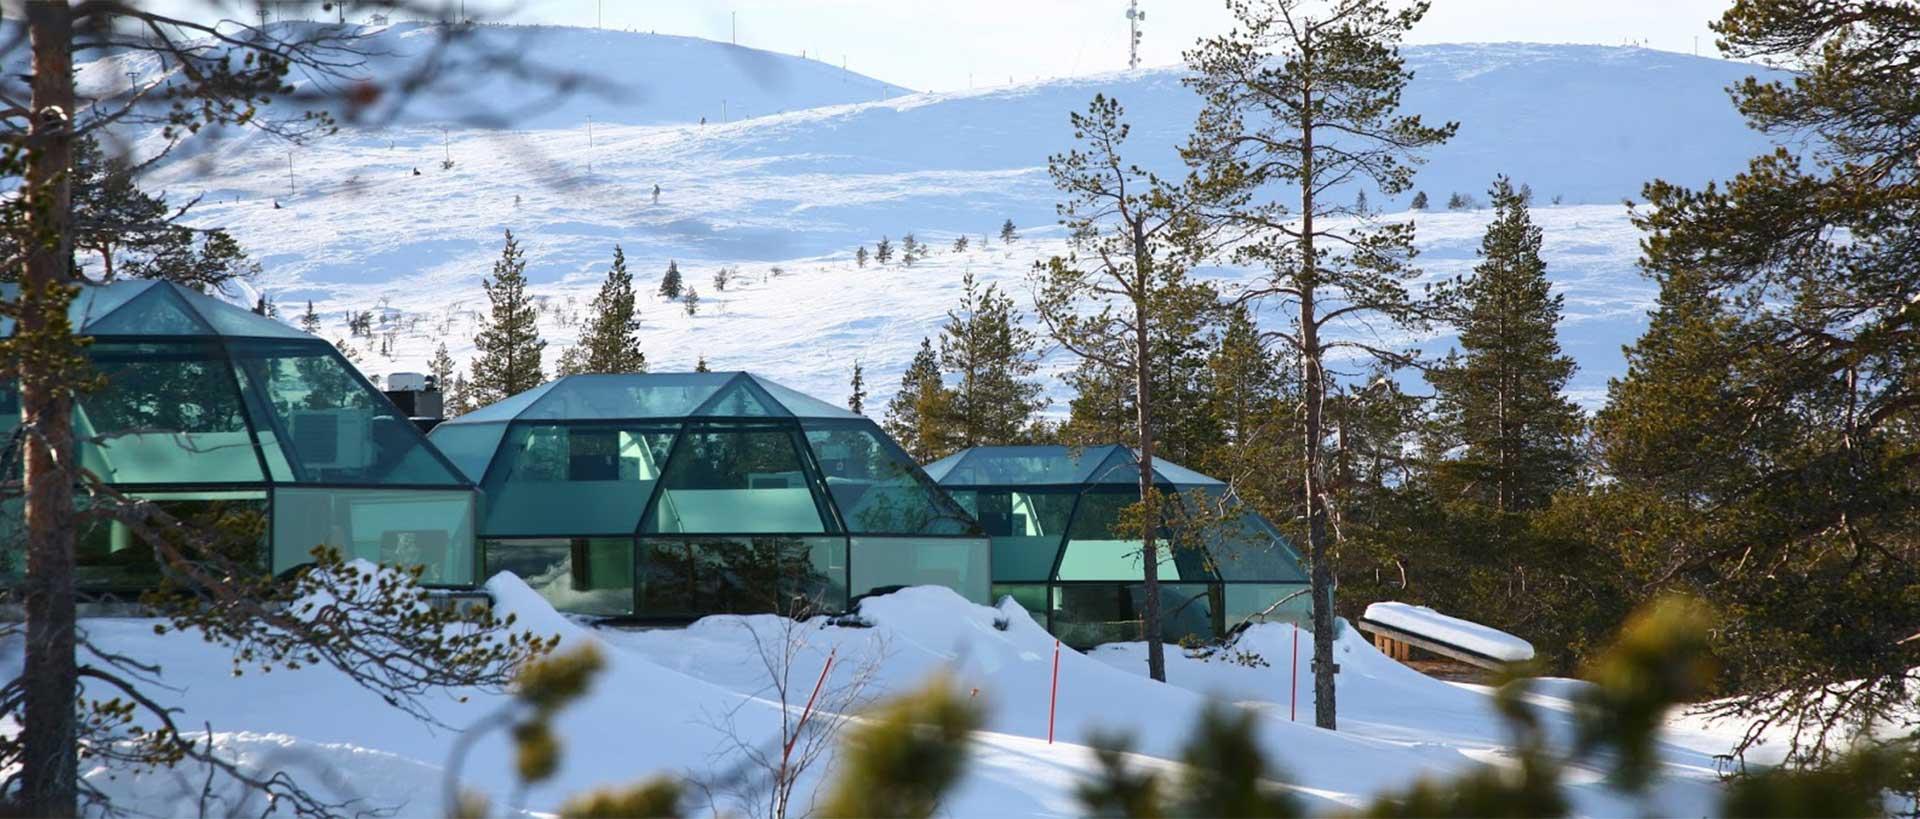 از داخل ایگلوهای شیشهای و در رختخواب گرم و نرم به آسمان شب لاپلند به شفقهای قطبی در شمالیةرین منطقه فنلاند به آسمان نگاه کنید.